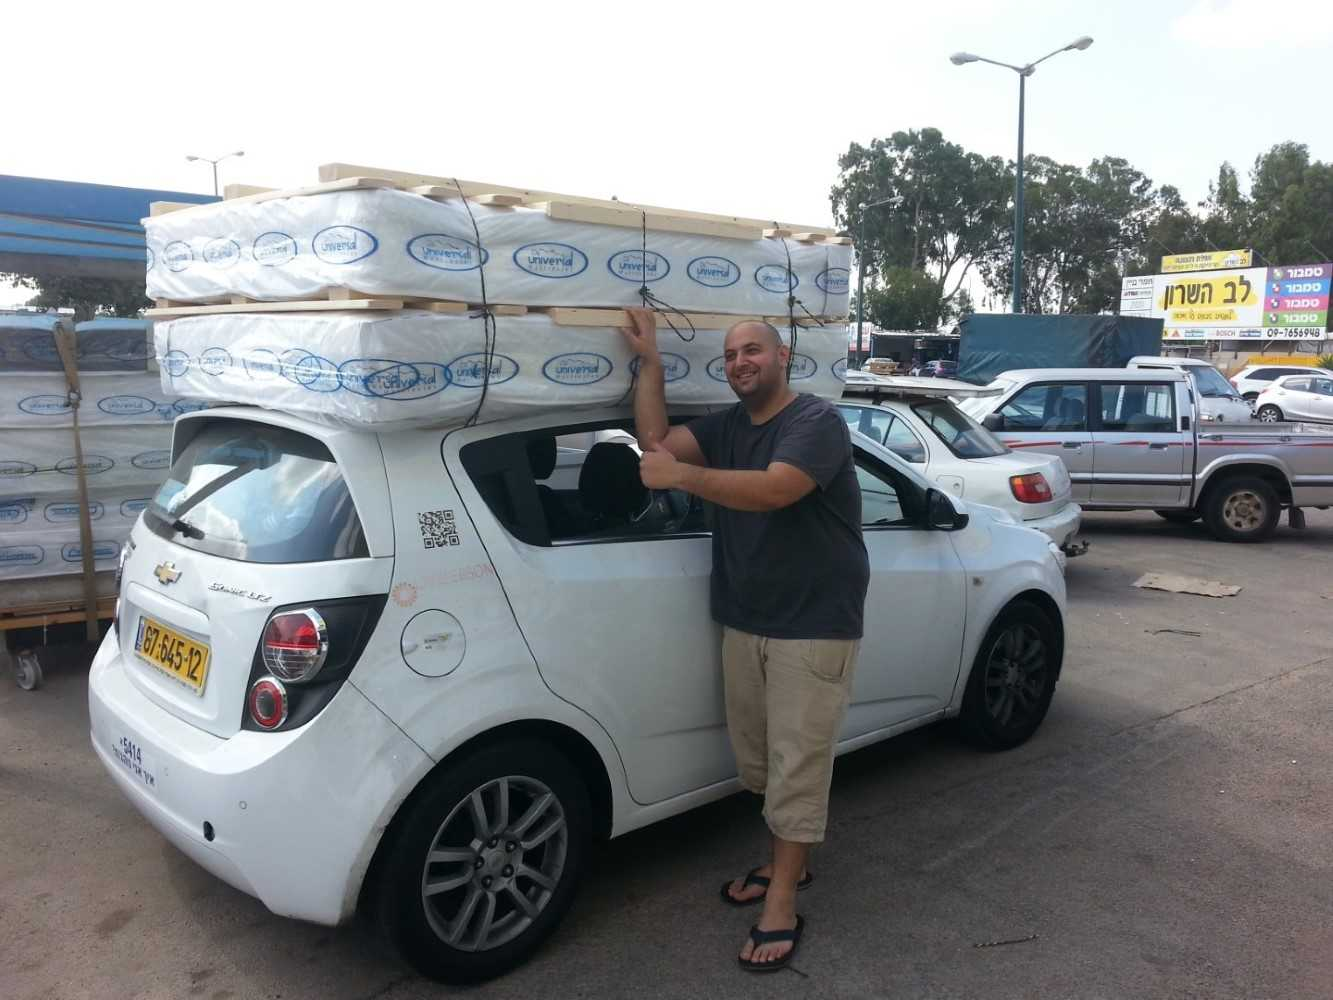 לקוח עם מזרנים ובסיסי מיטה קשורים לגג הרכב